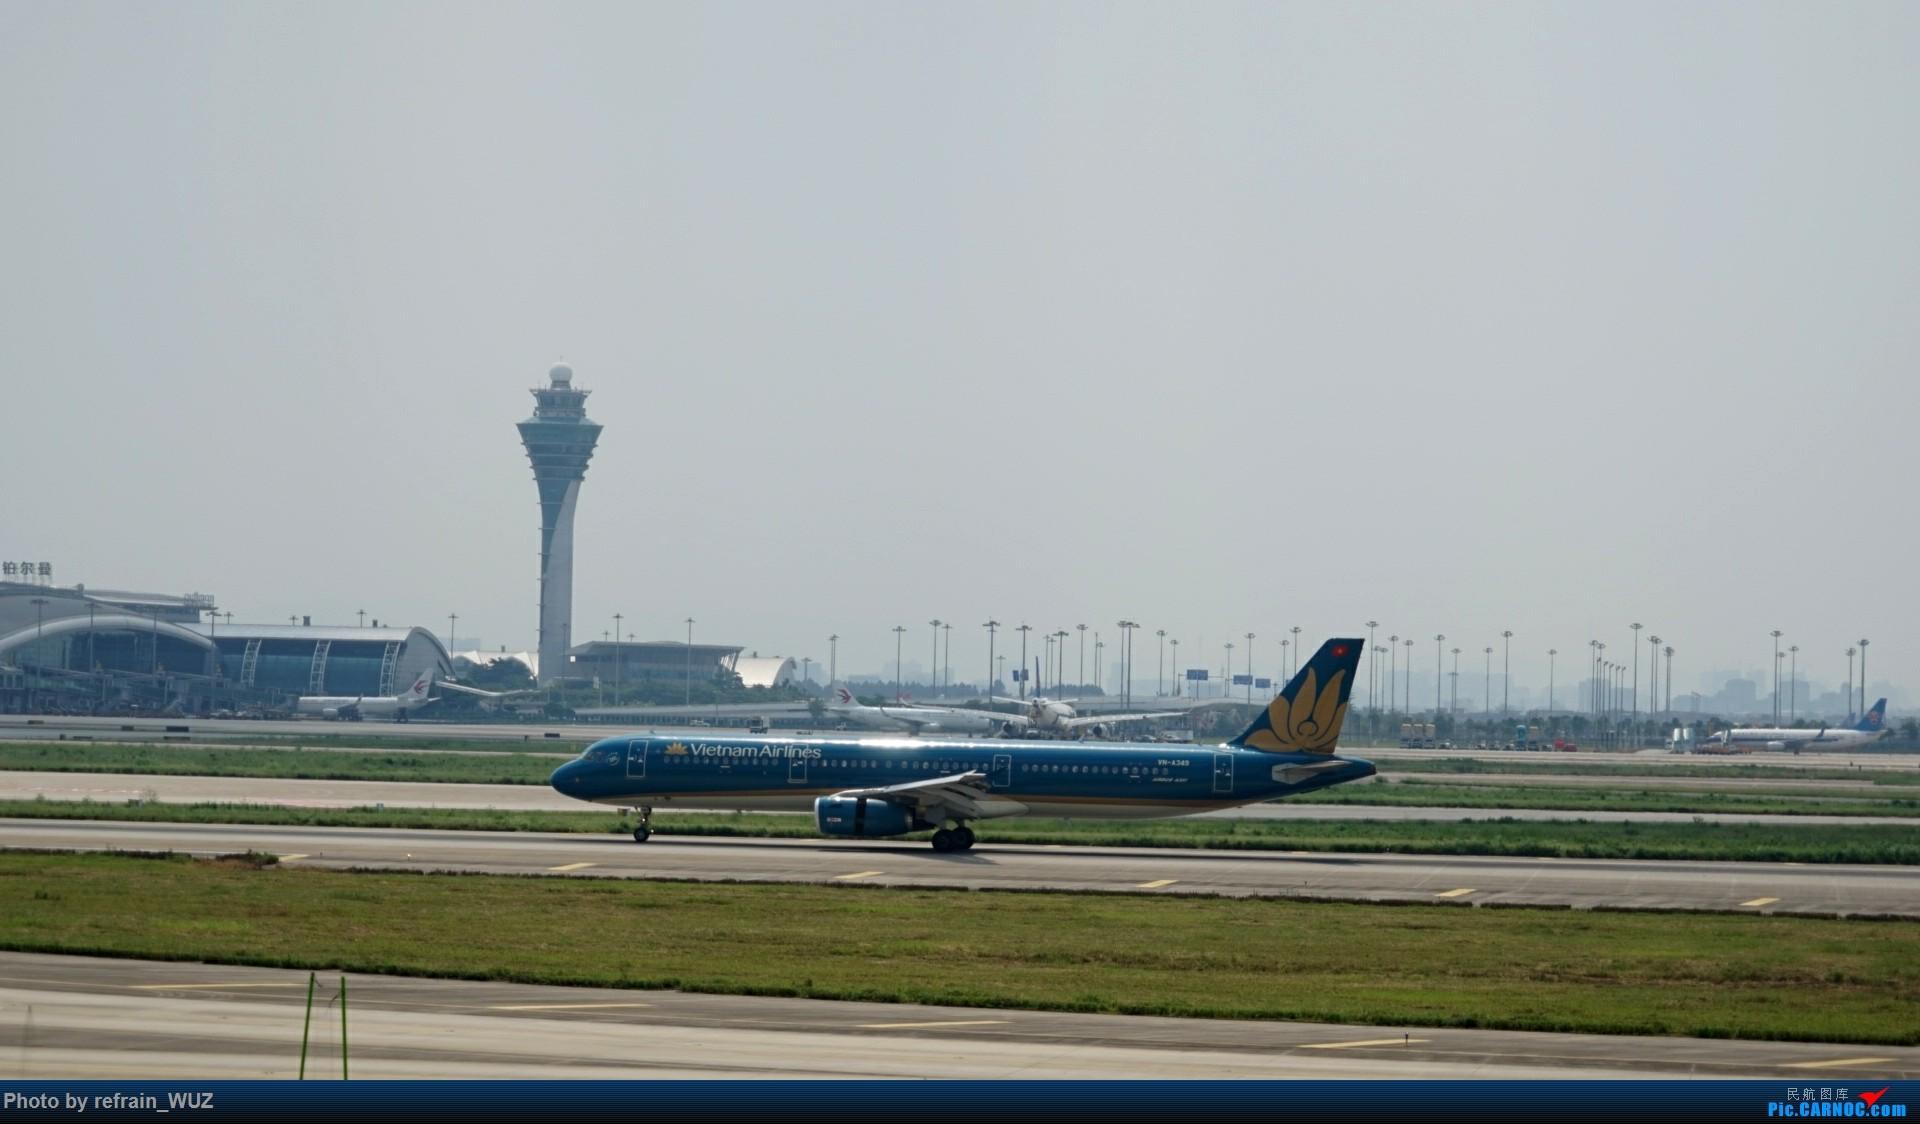 Re:[原创]CAN白云打机,全部系大嘢,最长的最粗的都有了! AIRBUS A321 VN-A349 中国广州白云国际机场